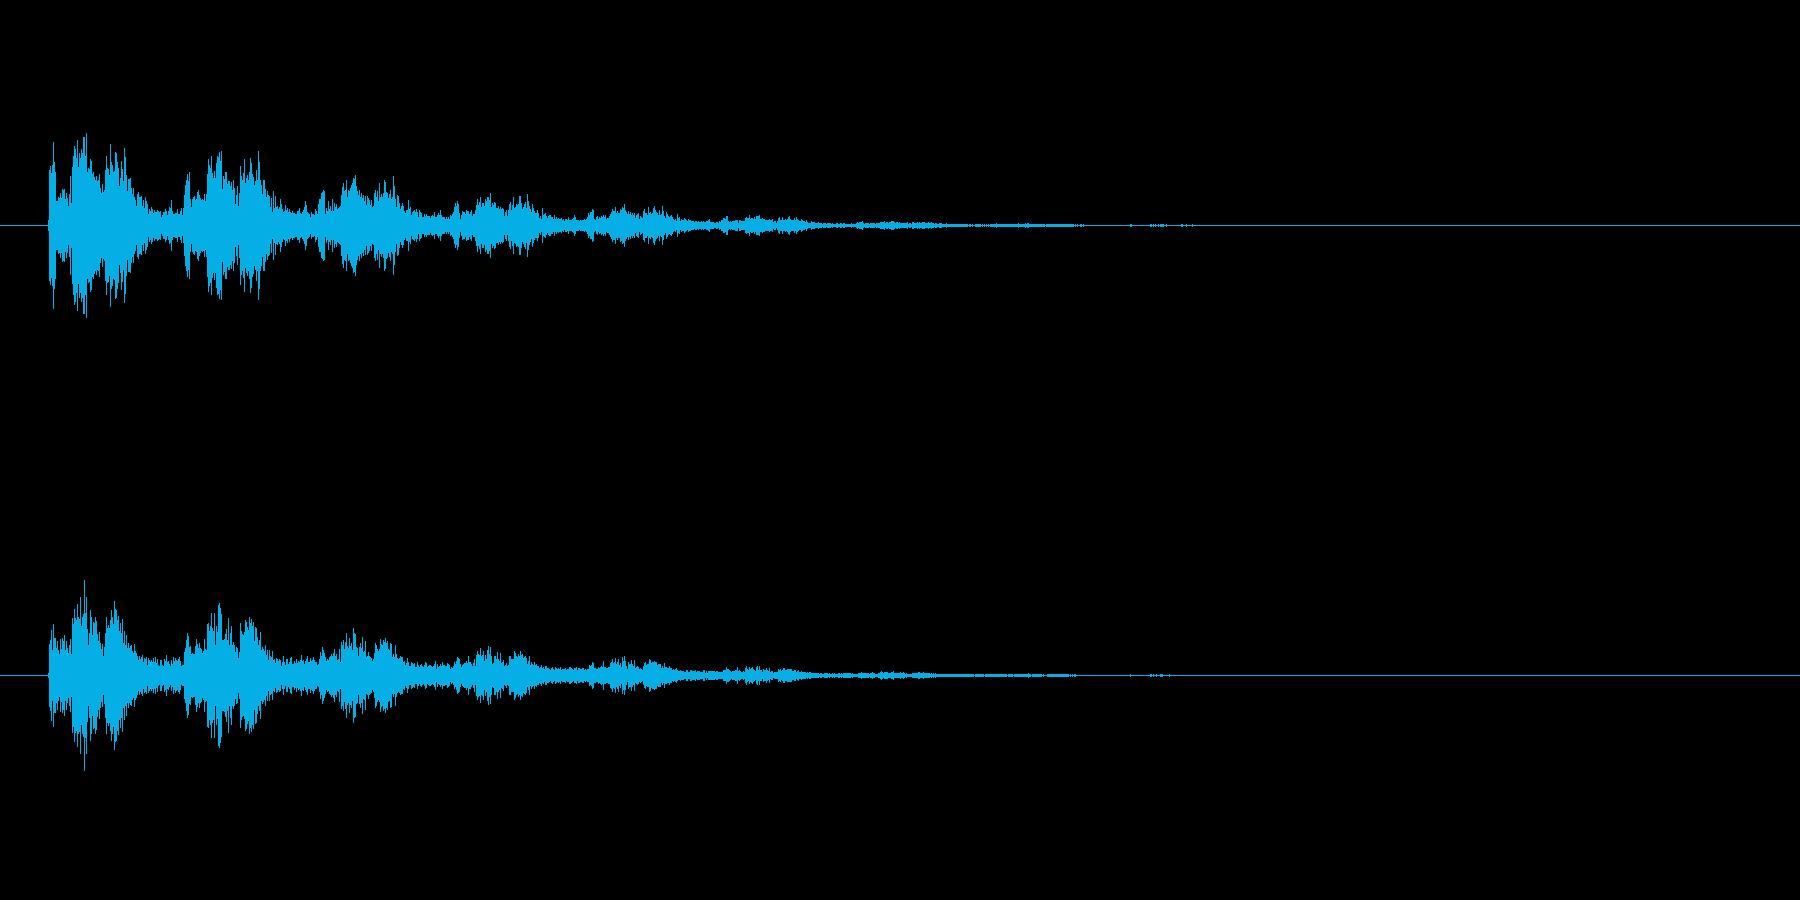 【スポットライト03-2】の再生済みの波形